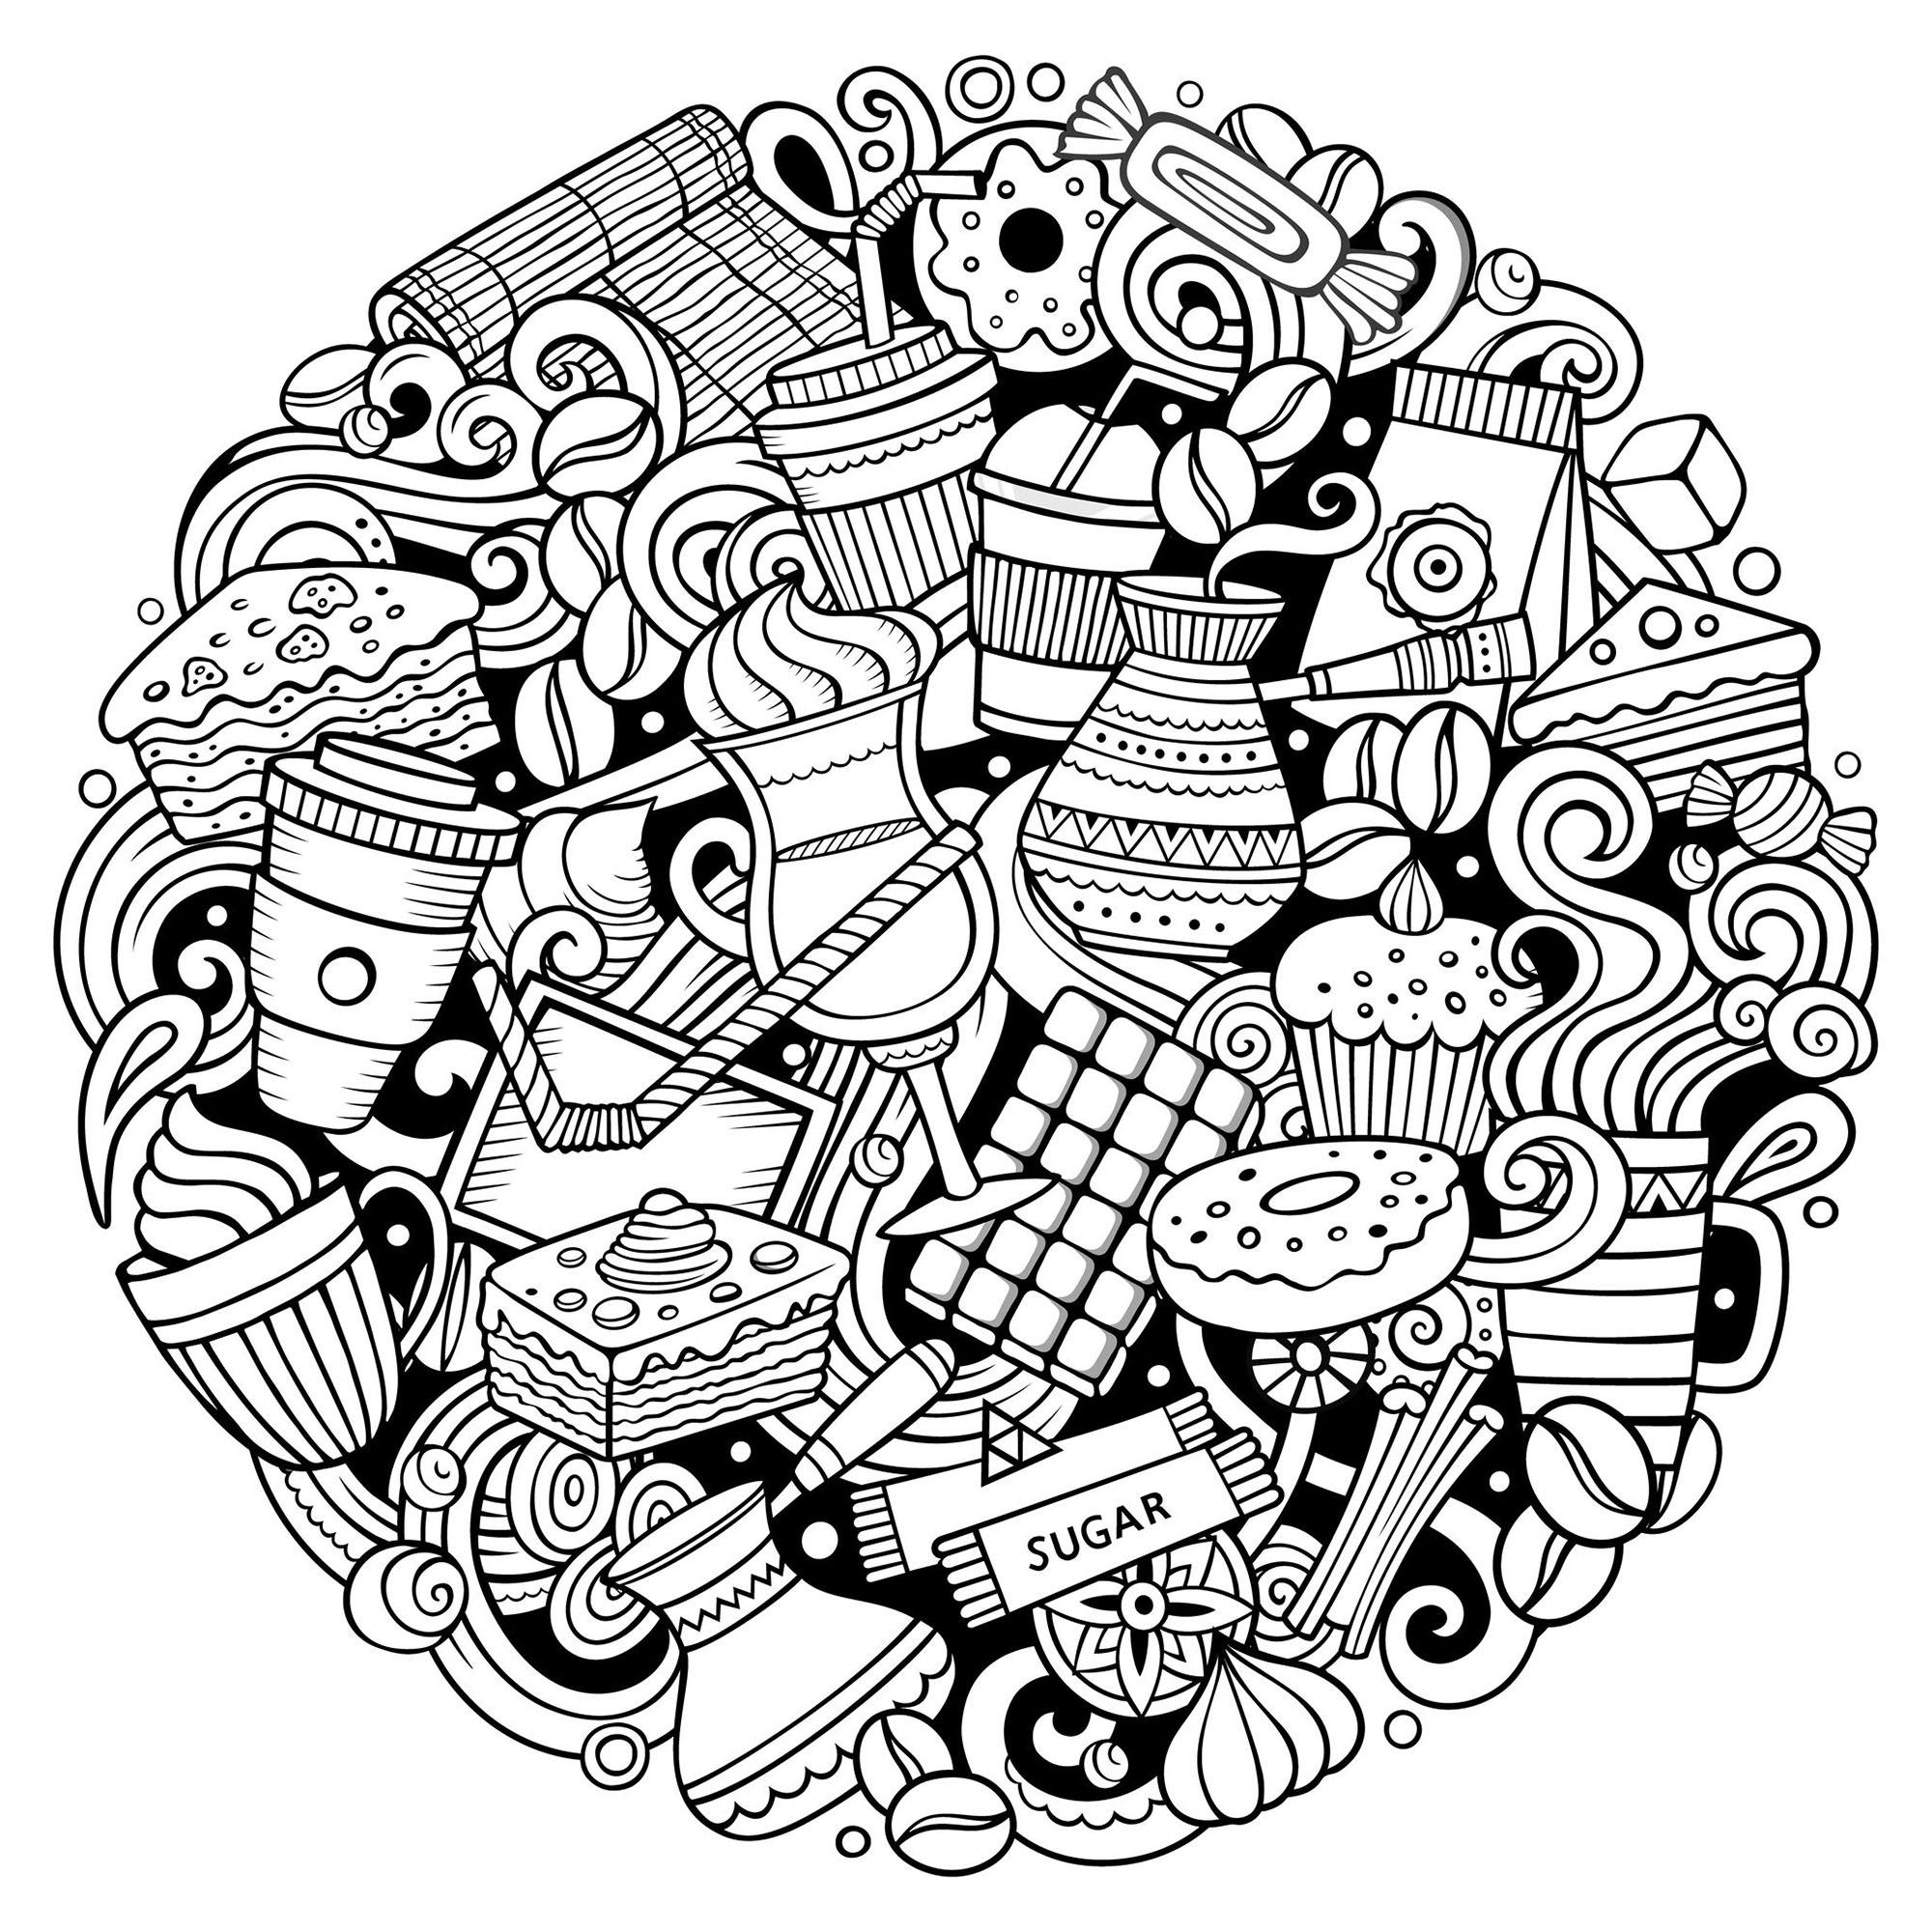 Disegni da Colorare per Adulti : Cup Cakes - 15